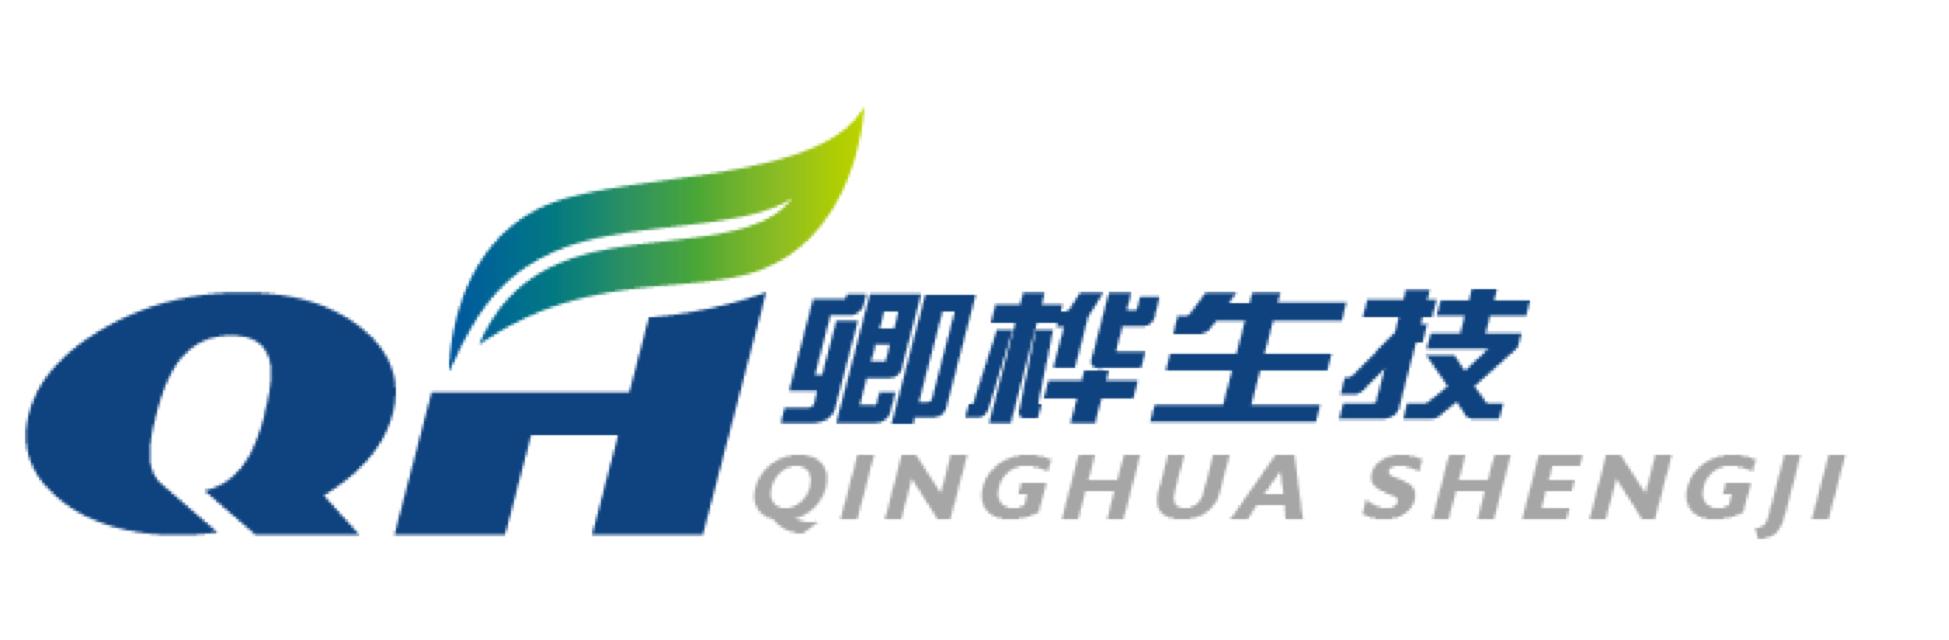 广州卿桦生物科技有限公司